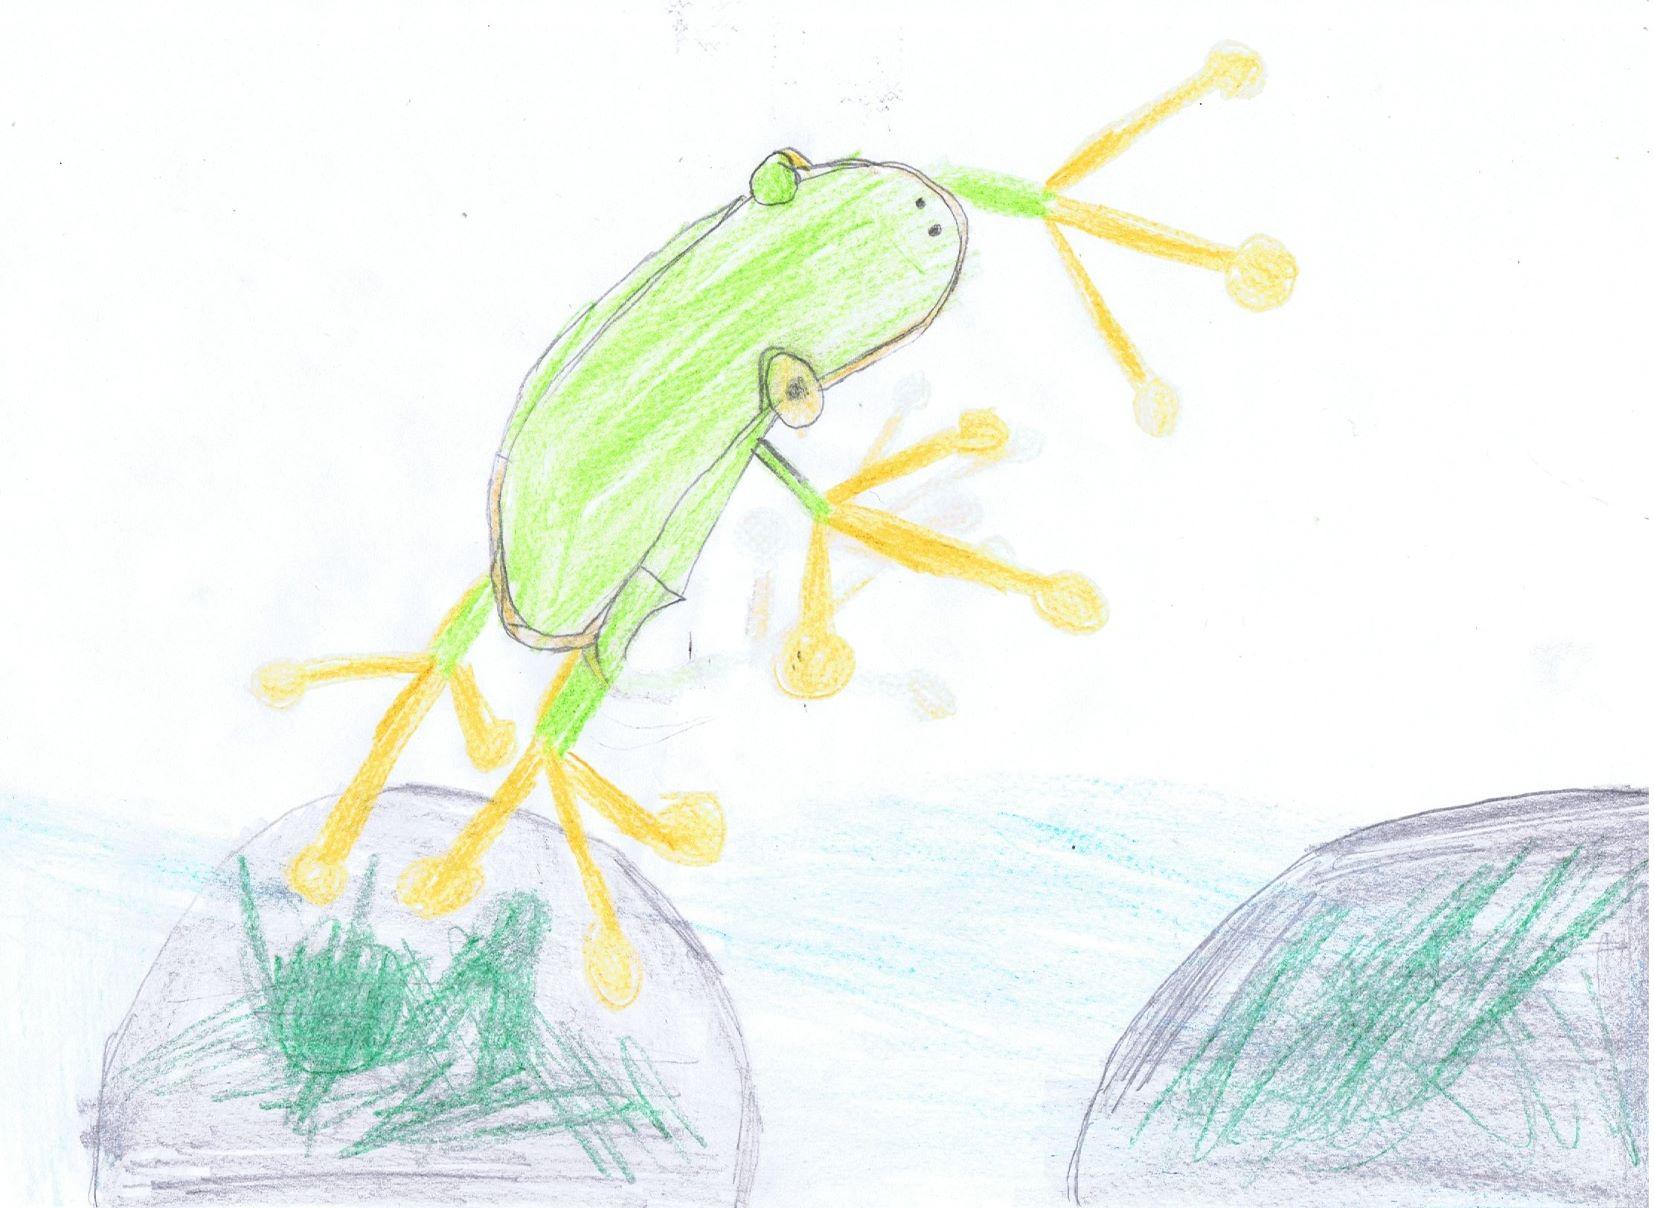 Wetterbericht vom Frosch - 30. Juni